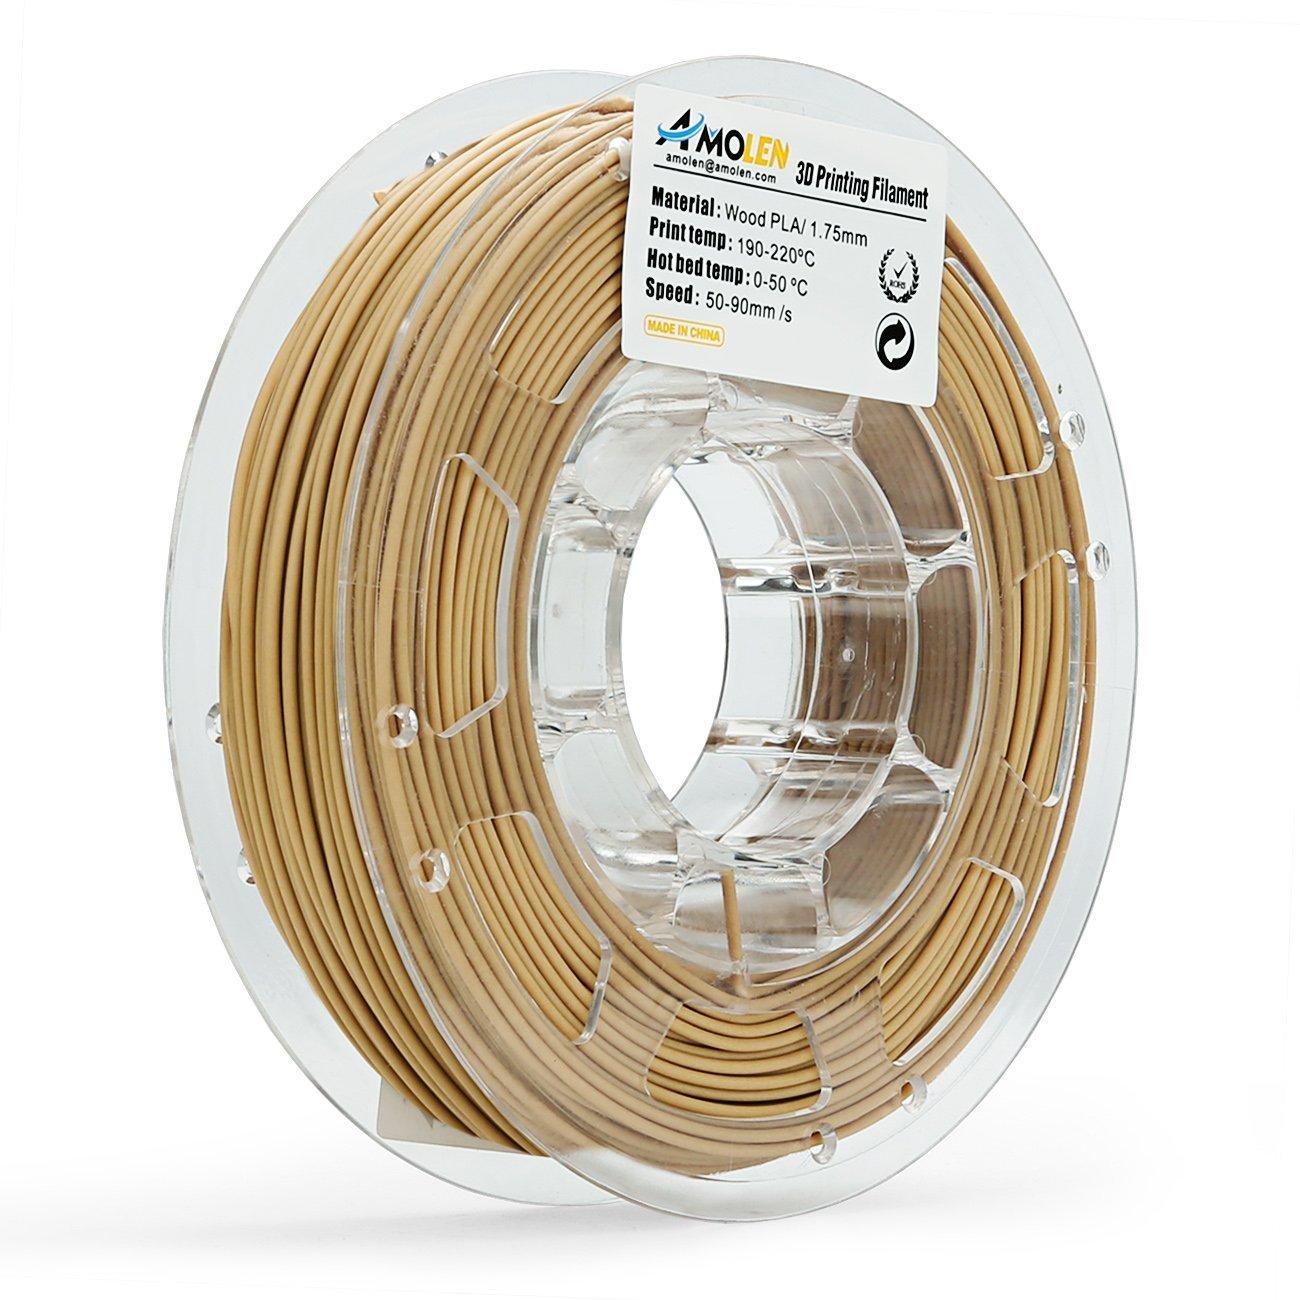 AMOLEN 3D Printer Filament, Wood Color PLA Filament 1.75mm +/- 0.03 mm, 0.5 LBS(225G), includes Sample Shining Silver &White Flexible Filament. Wood Color PLA Filament 1.75mm +/- 0.03